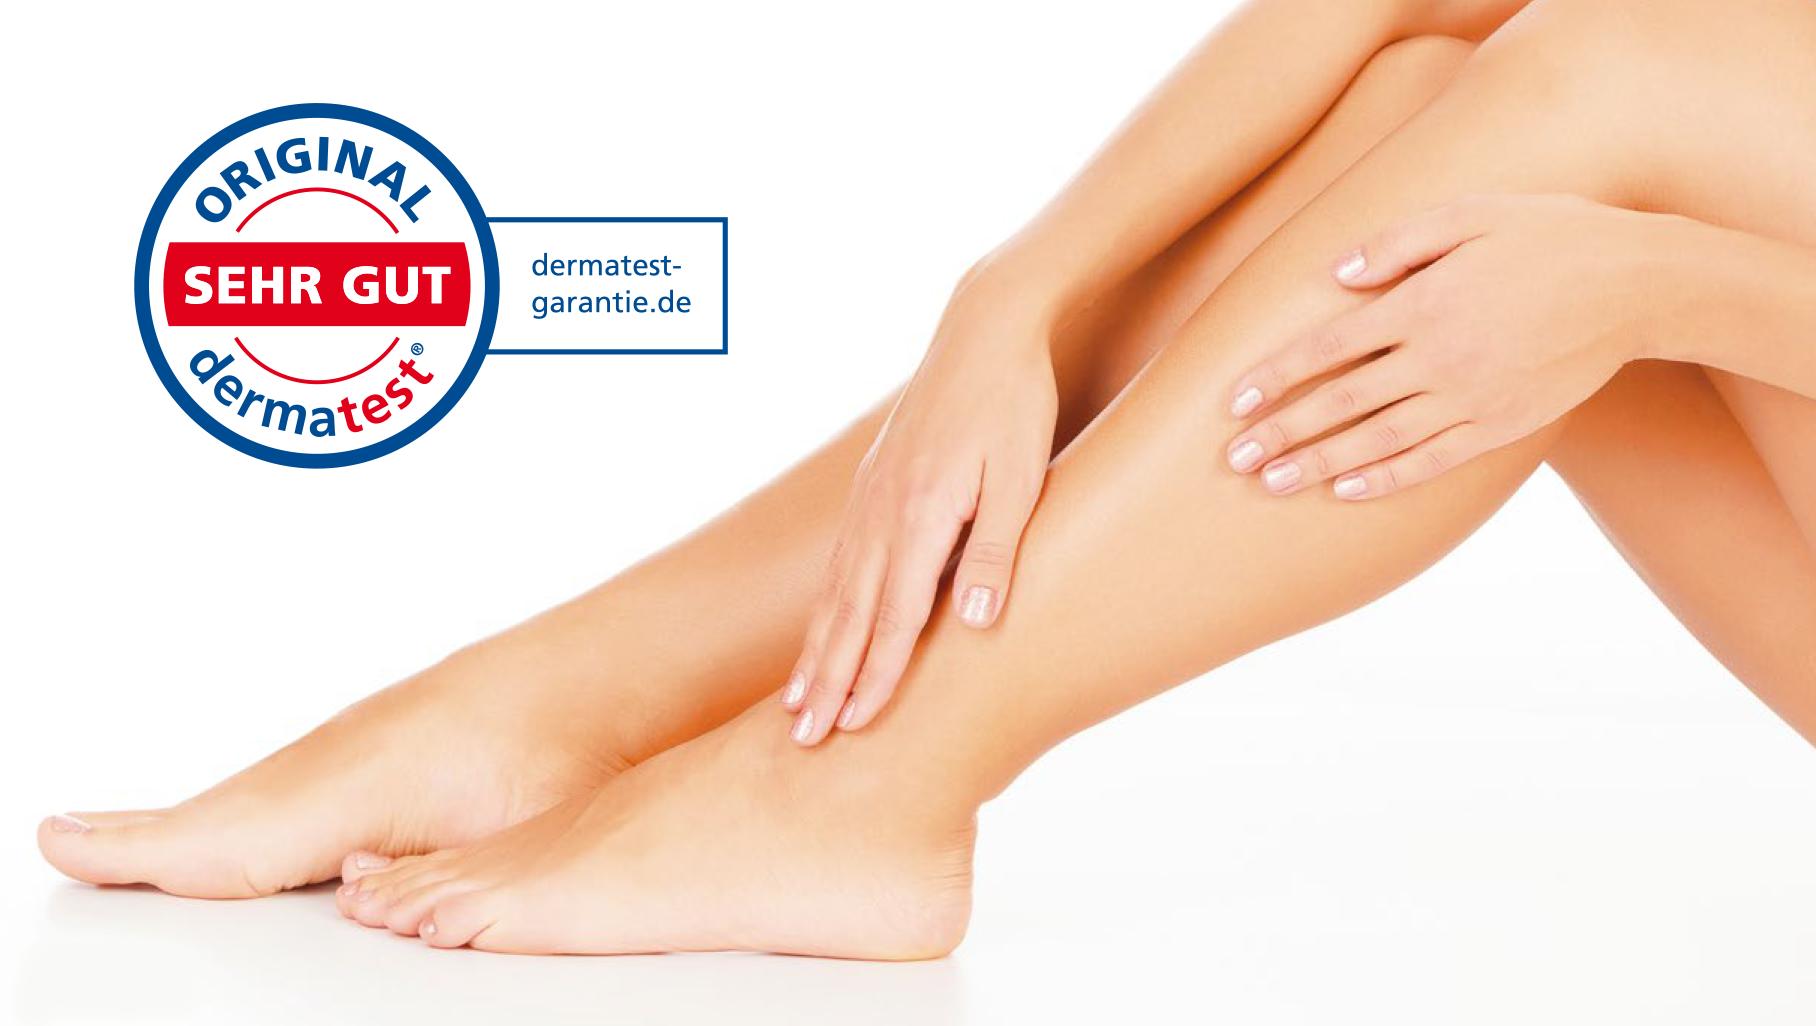 Prüfsiegel Dermatest - Geprüfte Hautverträglichkeit sehr gut